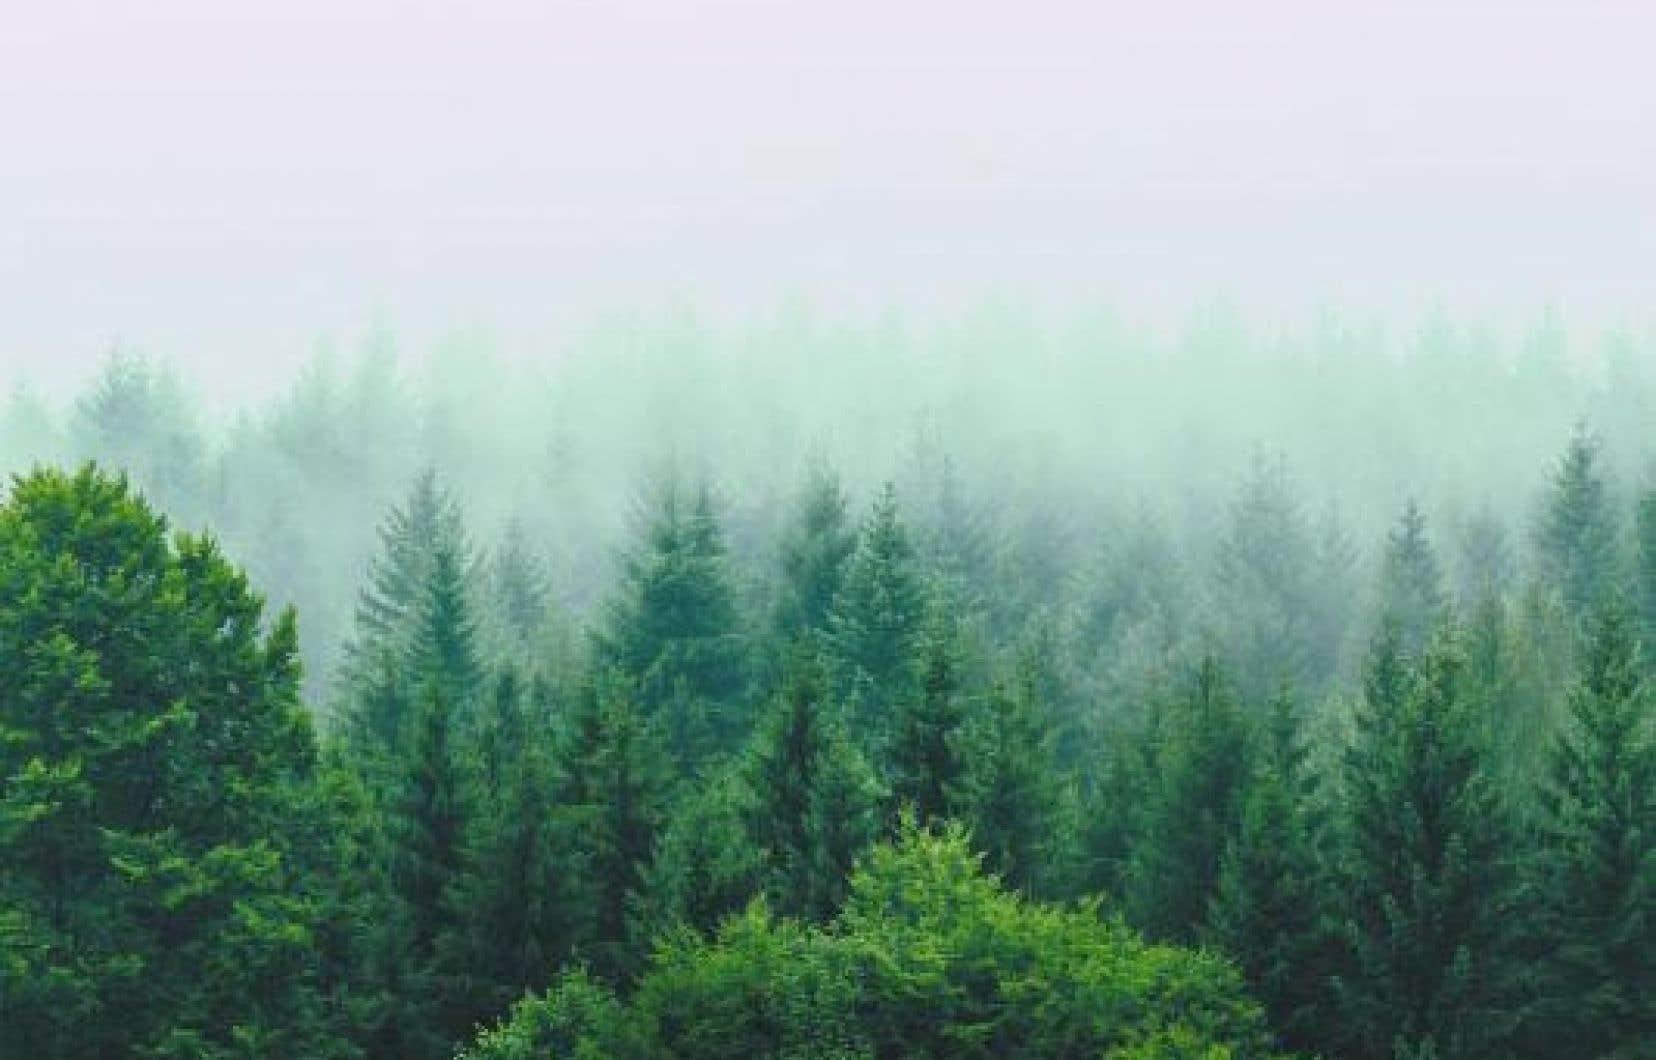 Un mètre cube de bois emprisonne environ une tonne de carbone.